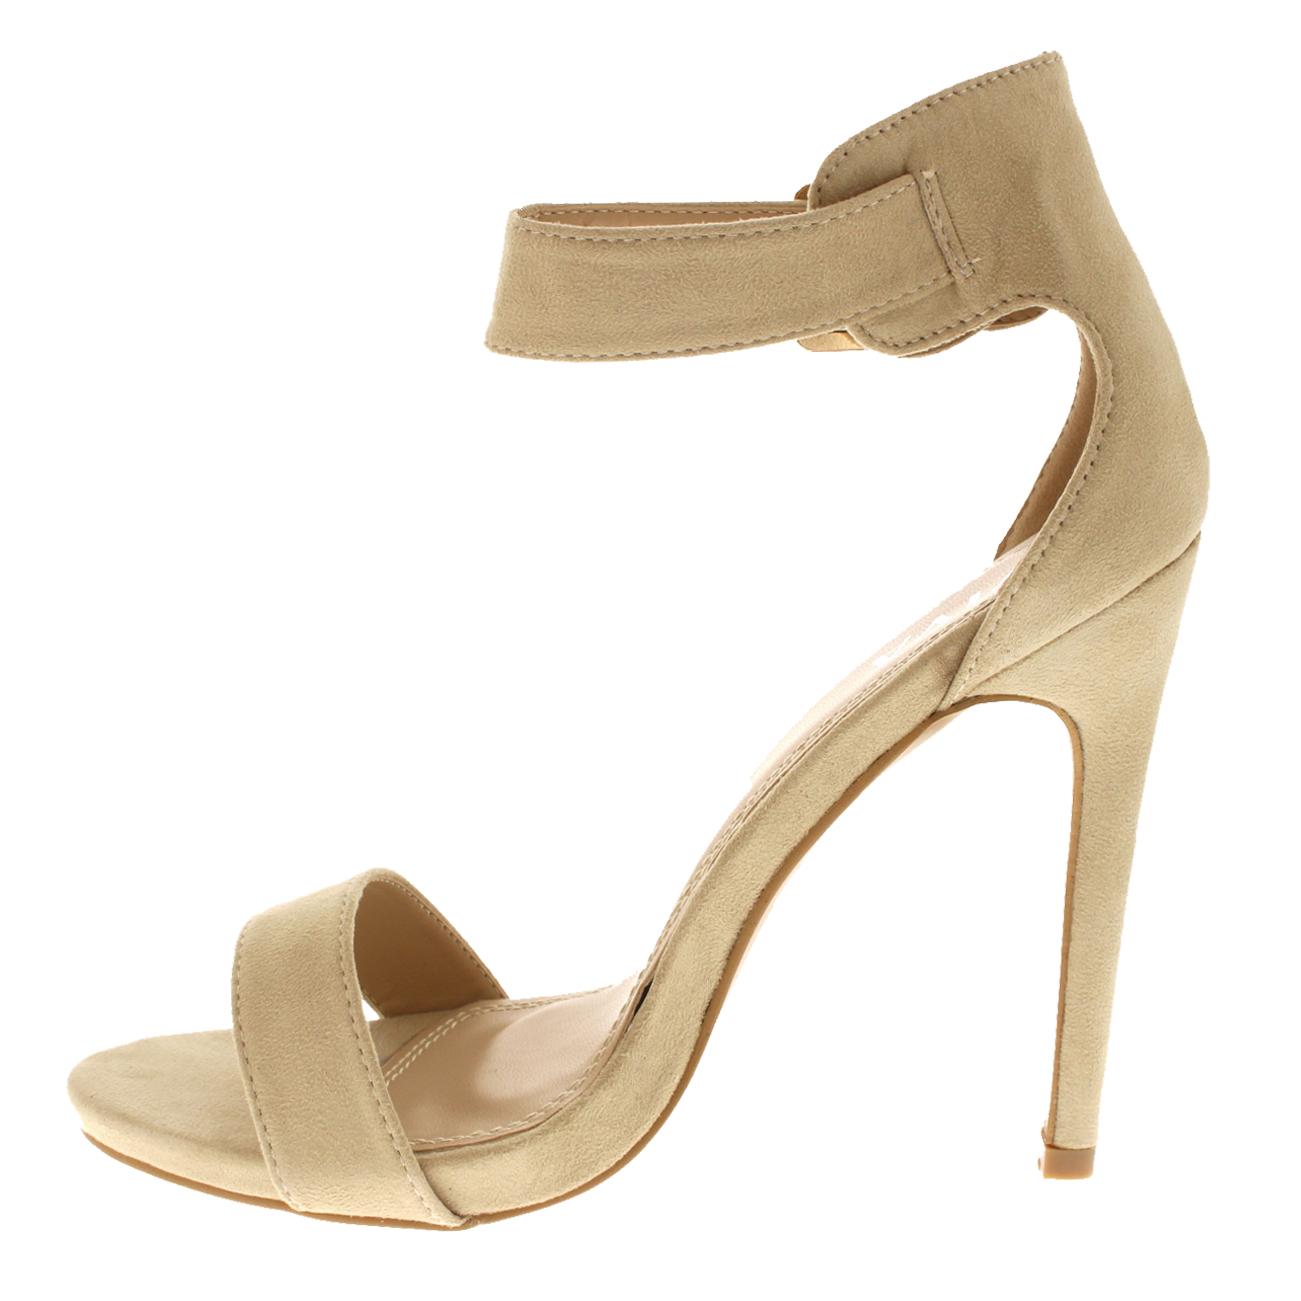 Para Mujer con Tiras puntera abierta apenas hay Recortar Sandalias De Salón Zapatos de Taco Alto UK 3-10